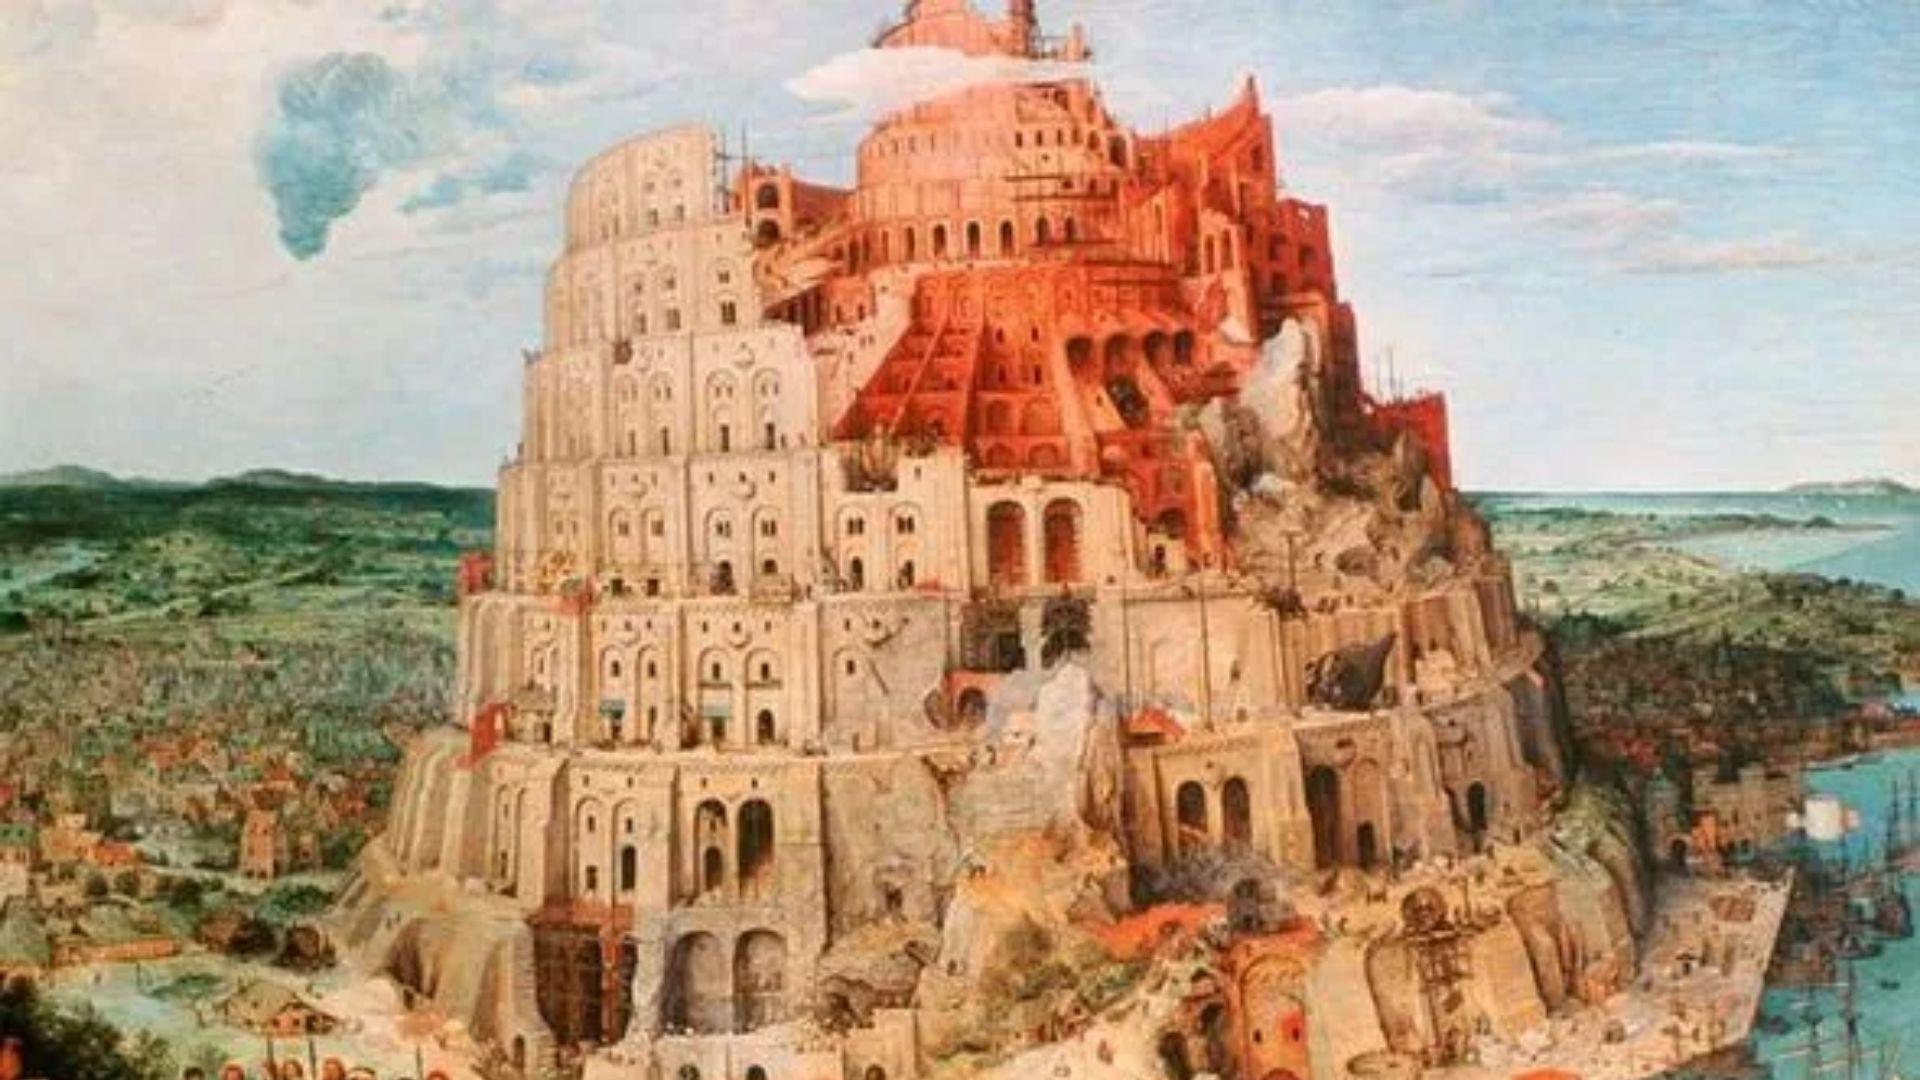 """Especialista bíblico revela evidências da realidade da Torre de Babel: """"Não é mito"""""""